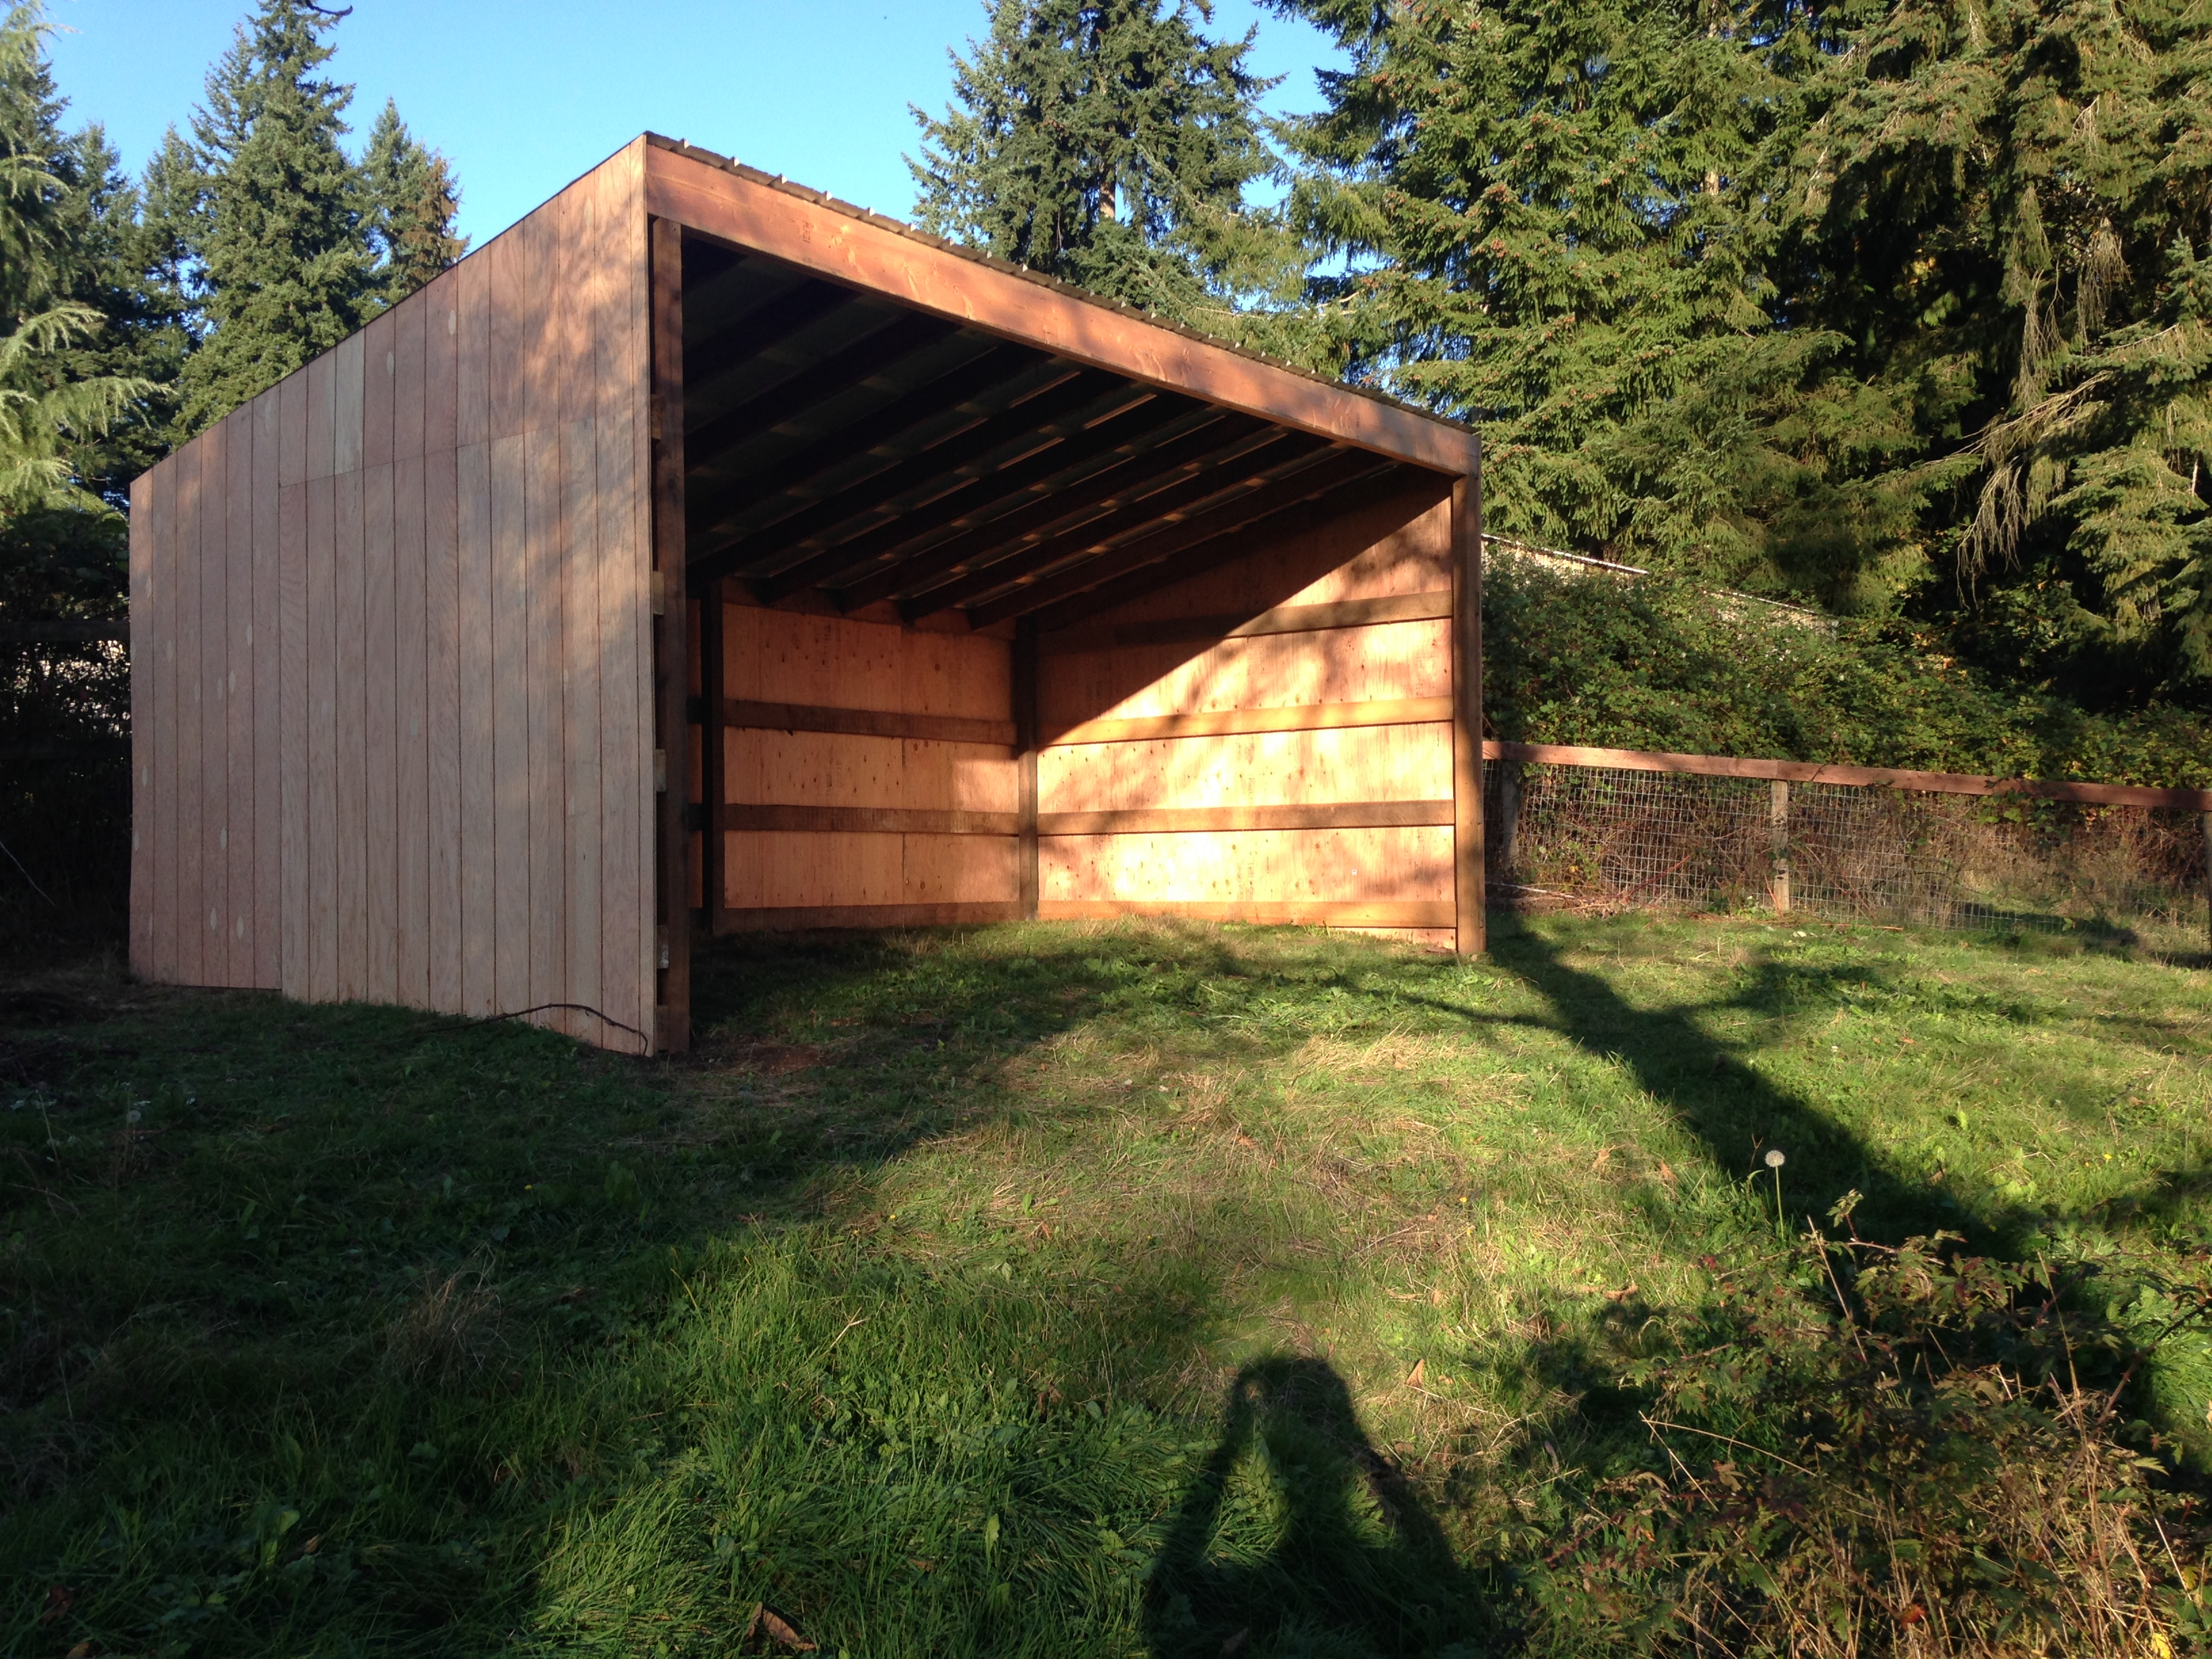 Upper pasture shelter